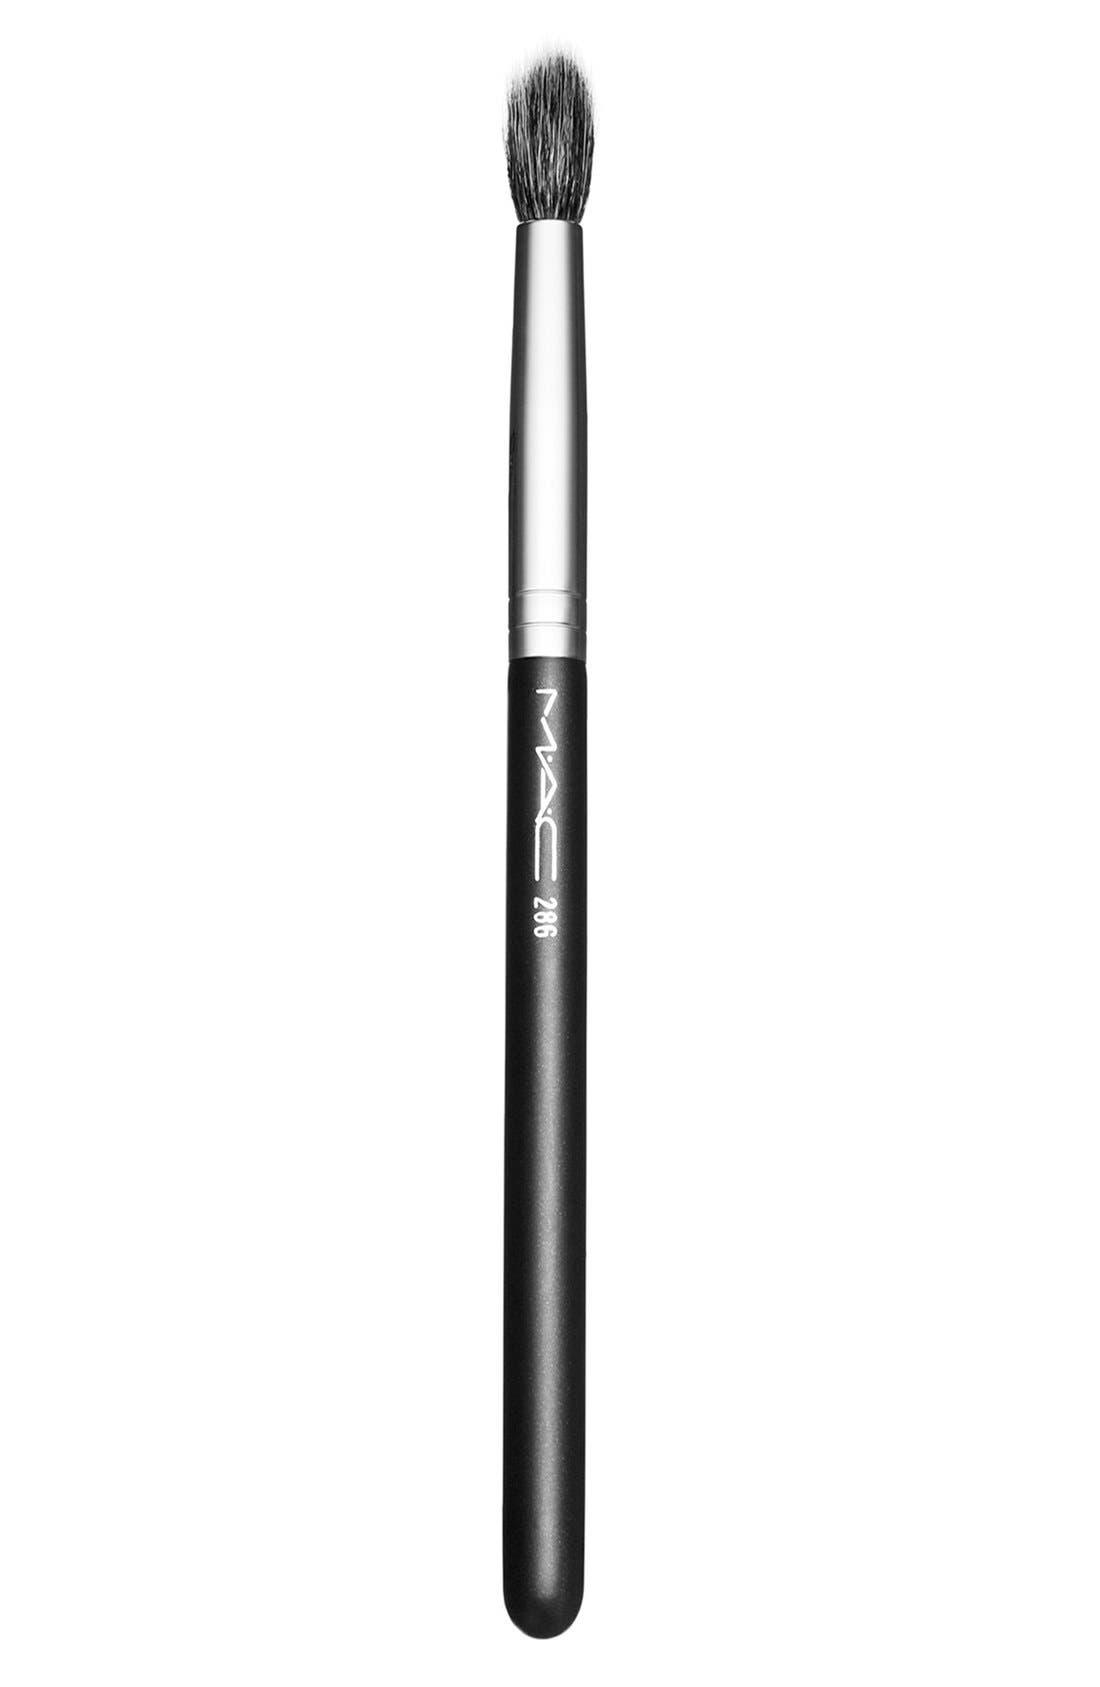 MAC 286 Duo Fibre Tapered Blending Brush